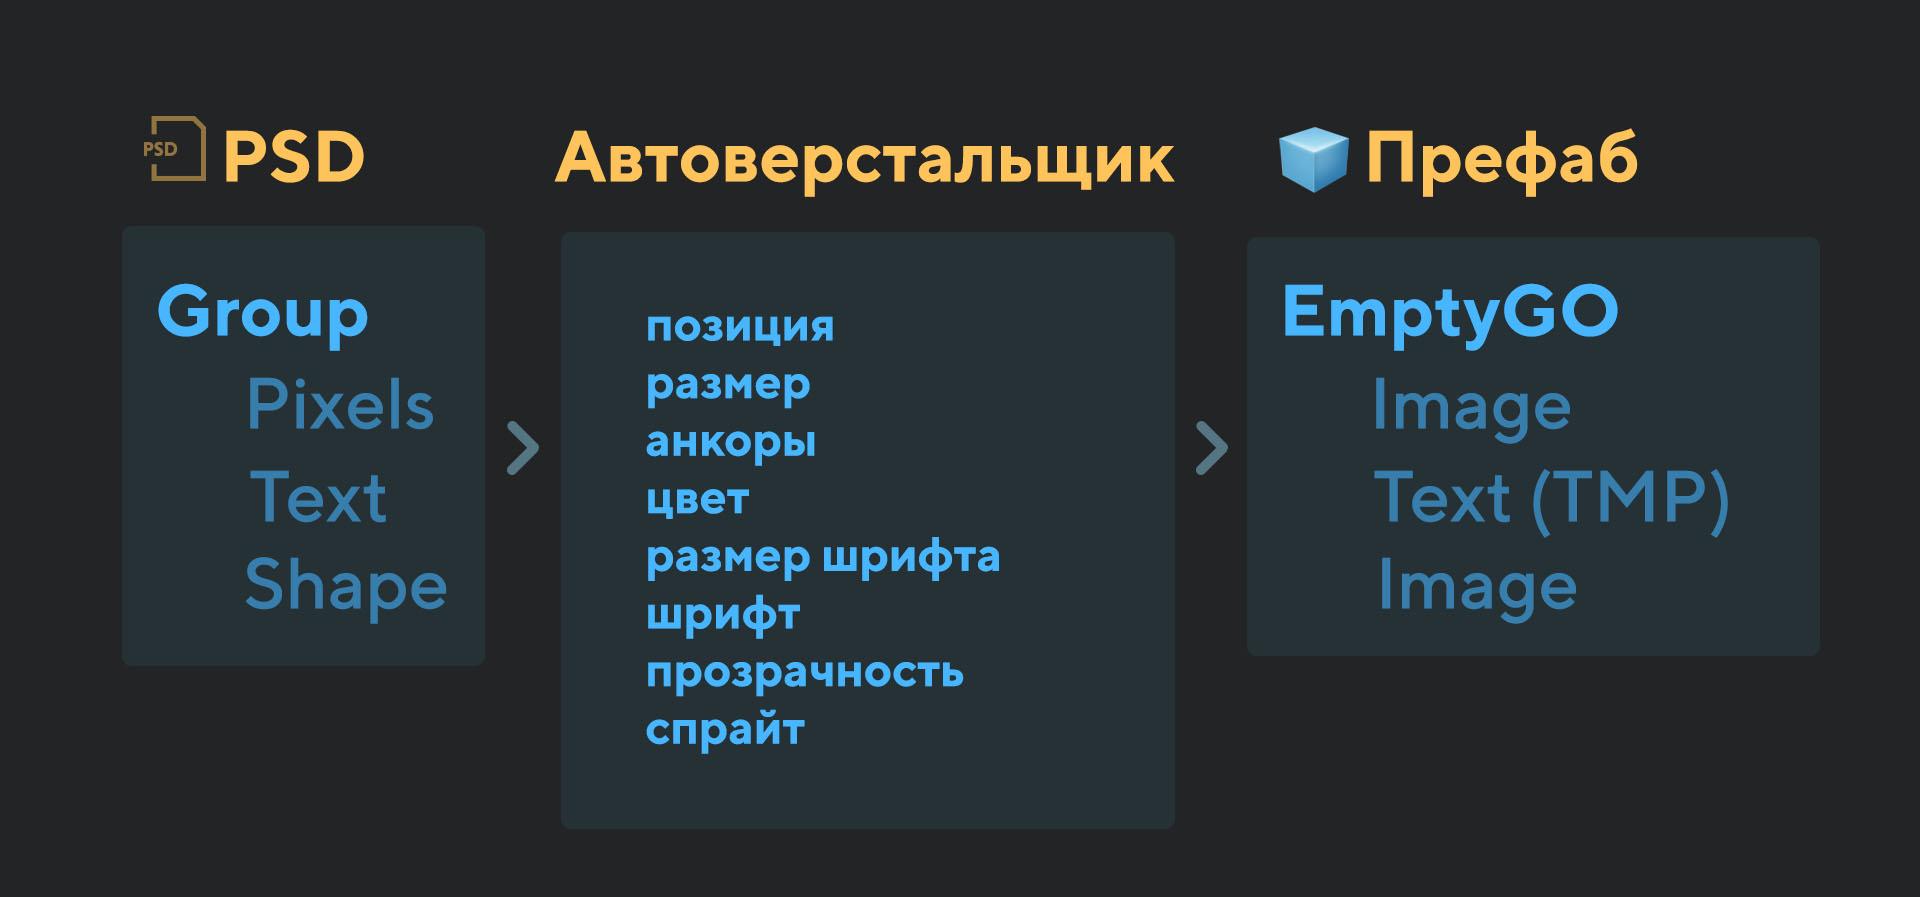 Автоверстка и стили в Unity: наш новый пайплайн и инструменты для UI - 8